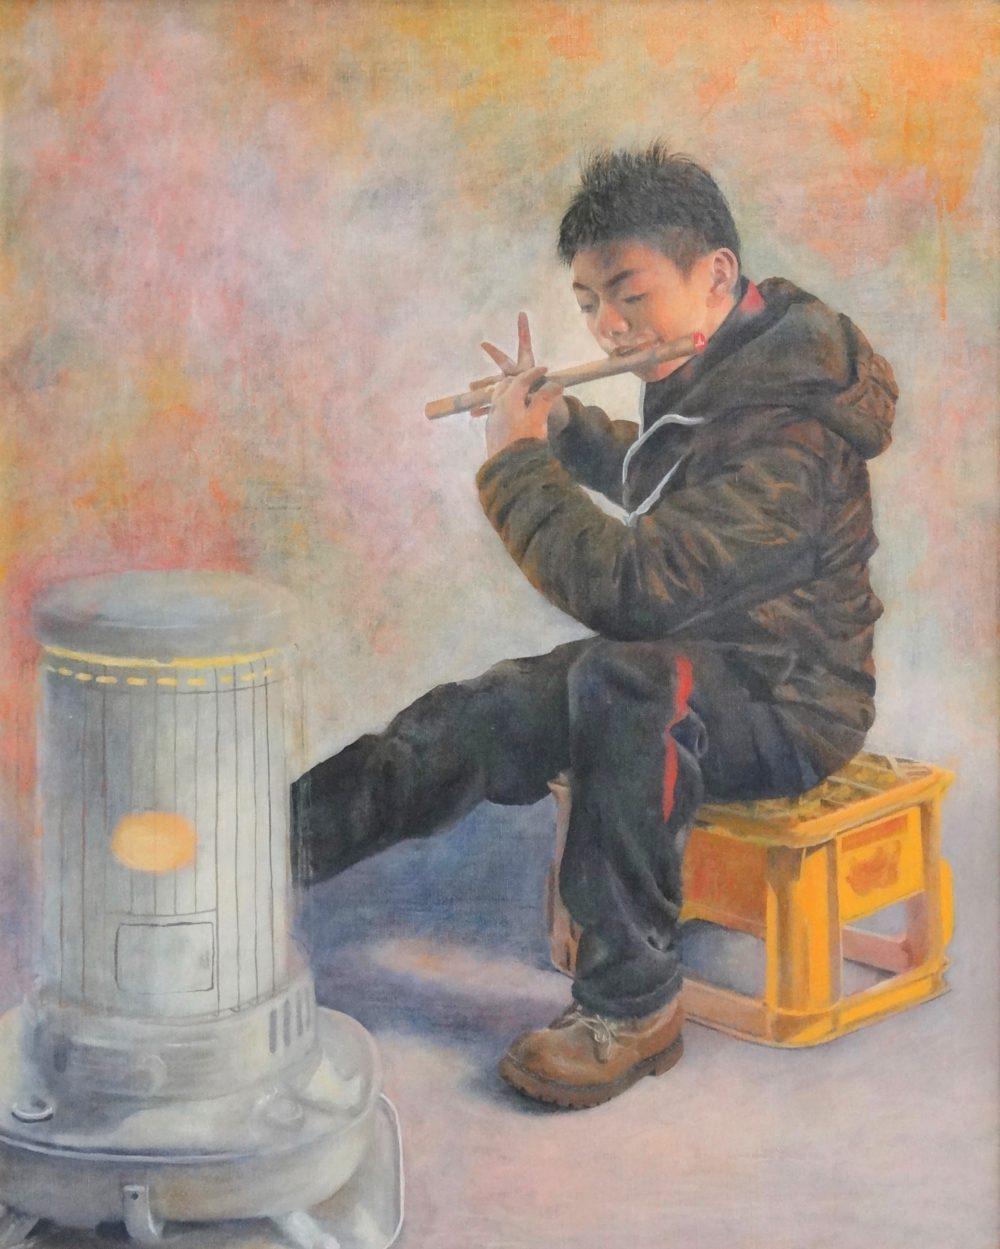 「第37回 青森県高等学校総合文化祭 美術部門」で優秀賞を受賞した作品(油絵)